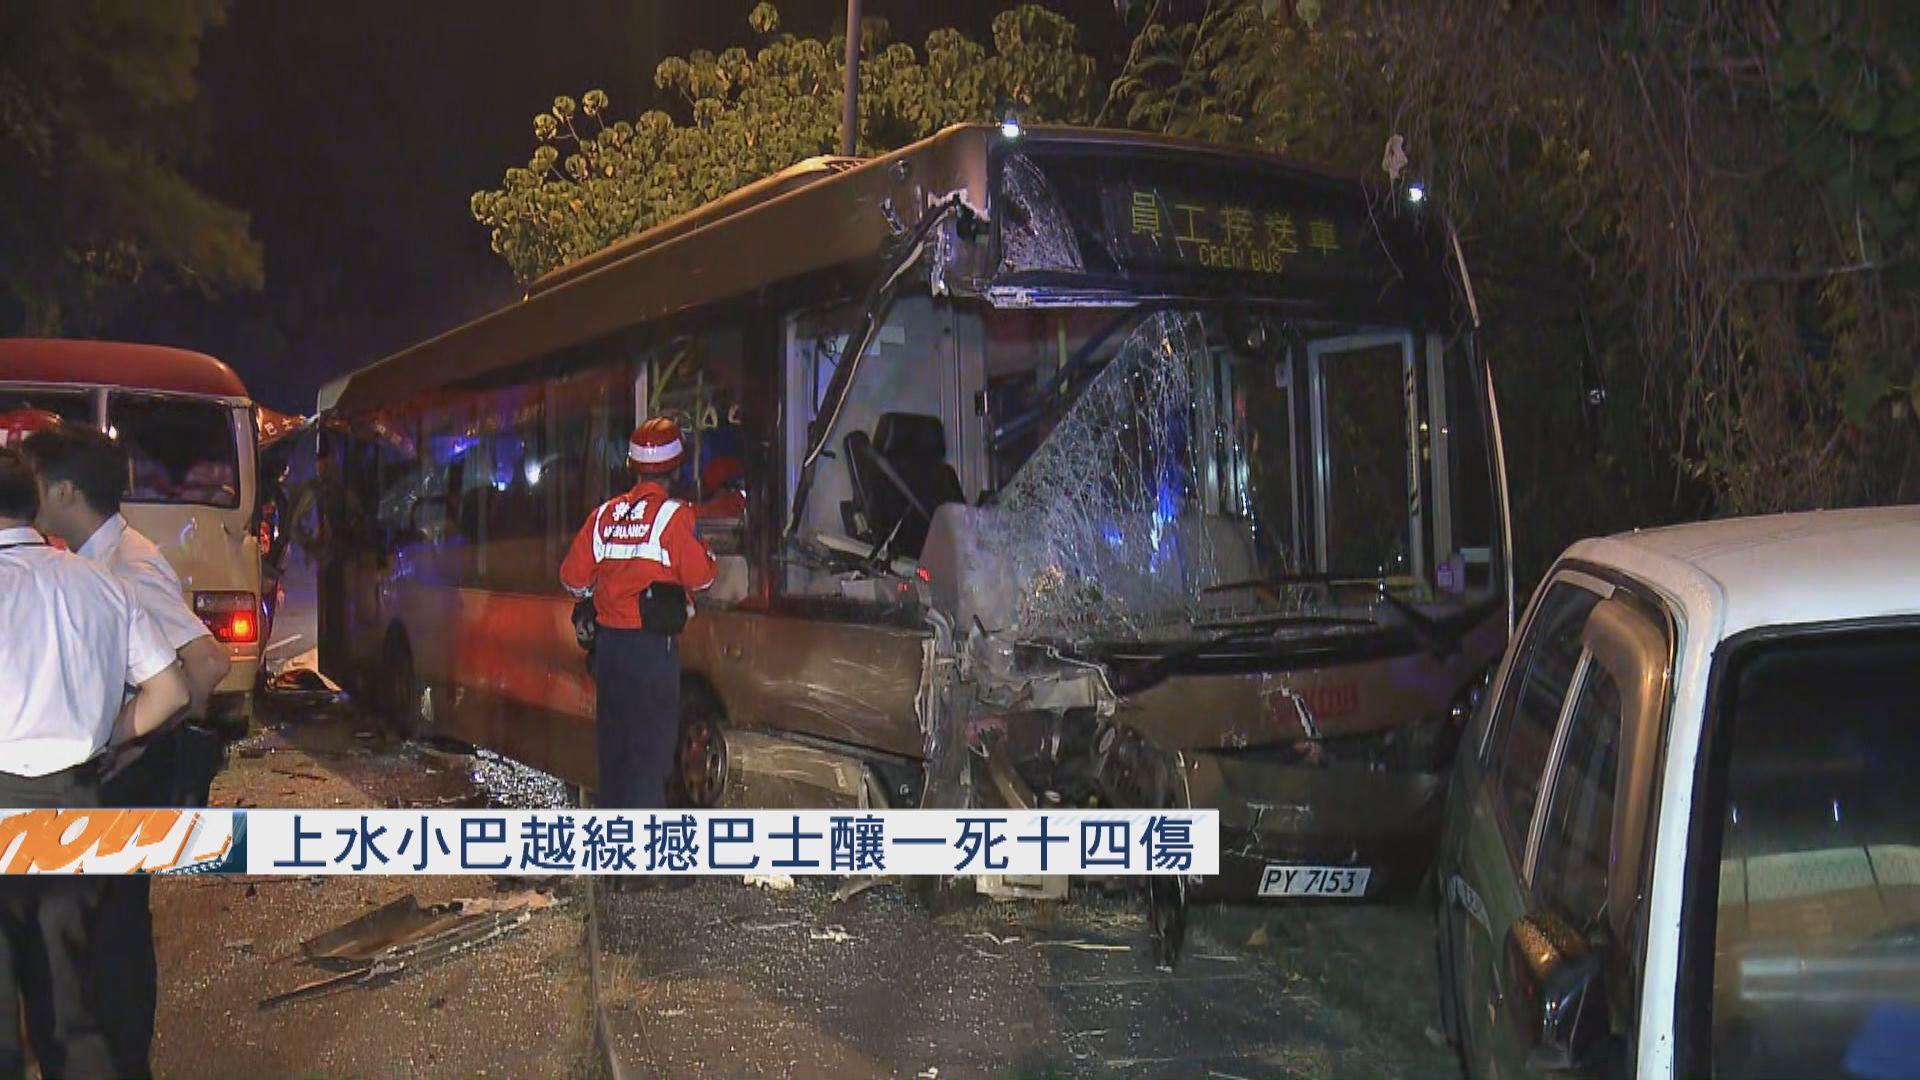 上水小巴越線撼巴士 小巴女司機亡另14傷